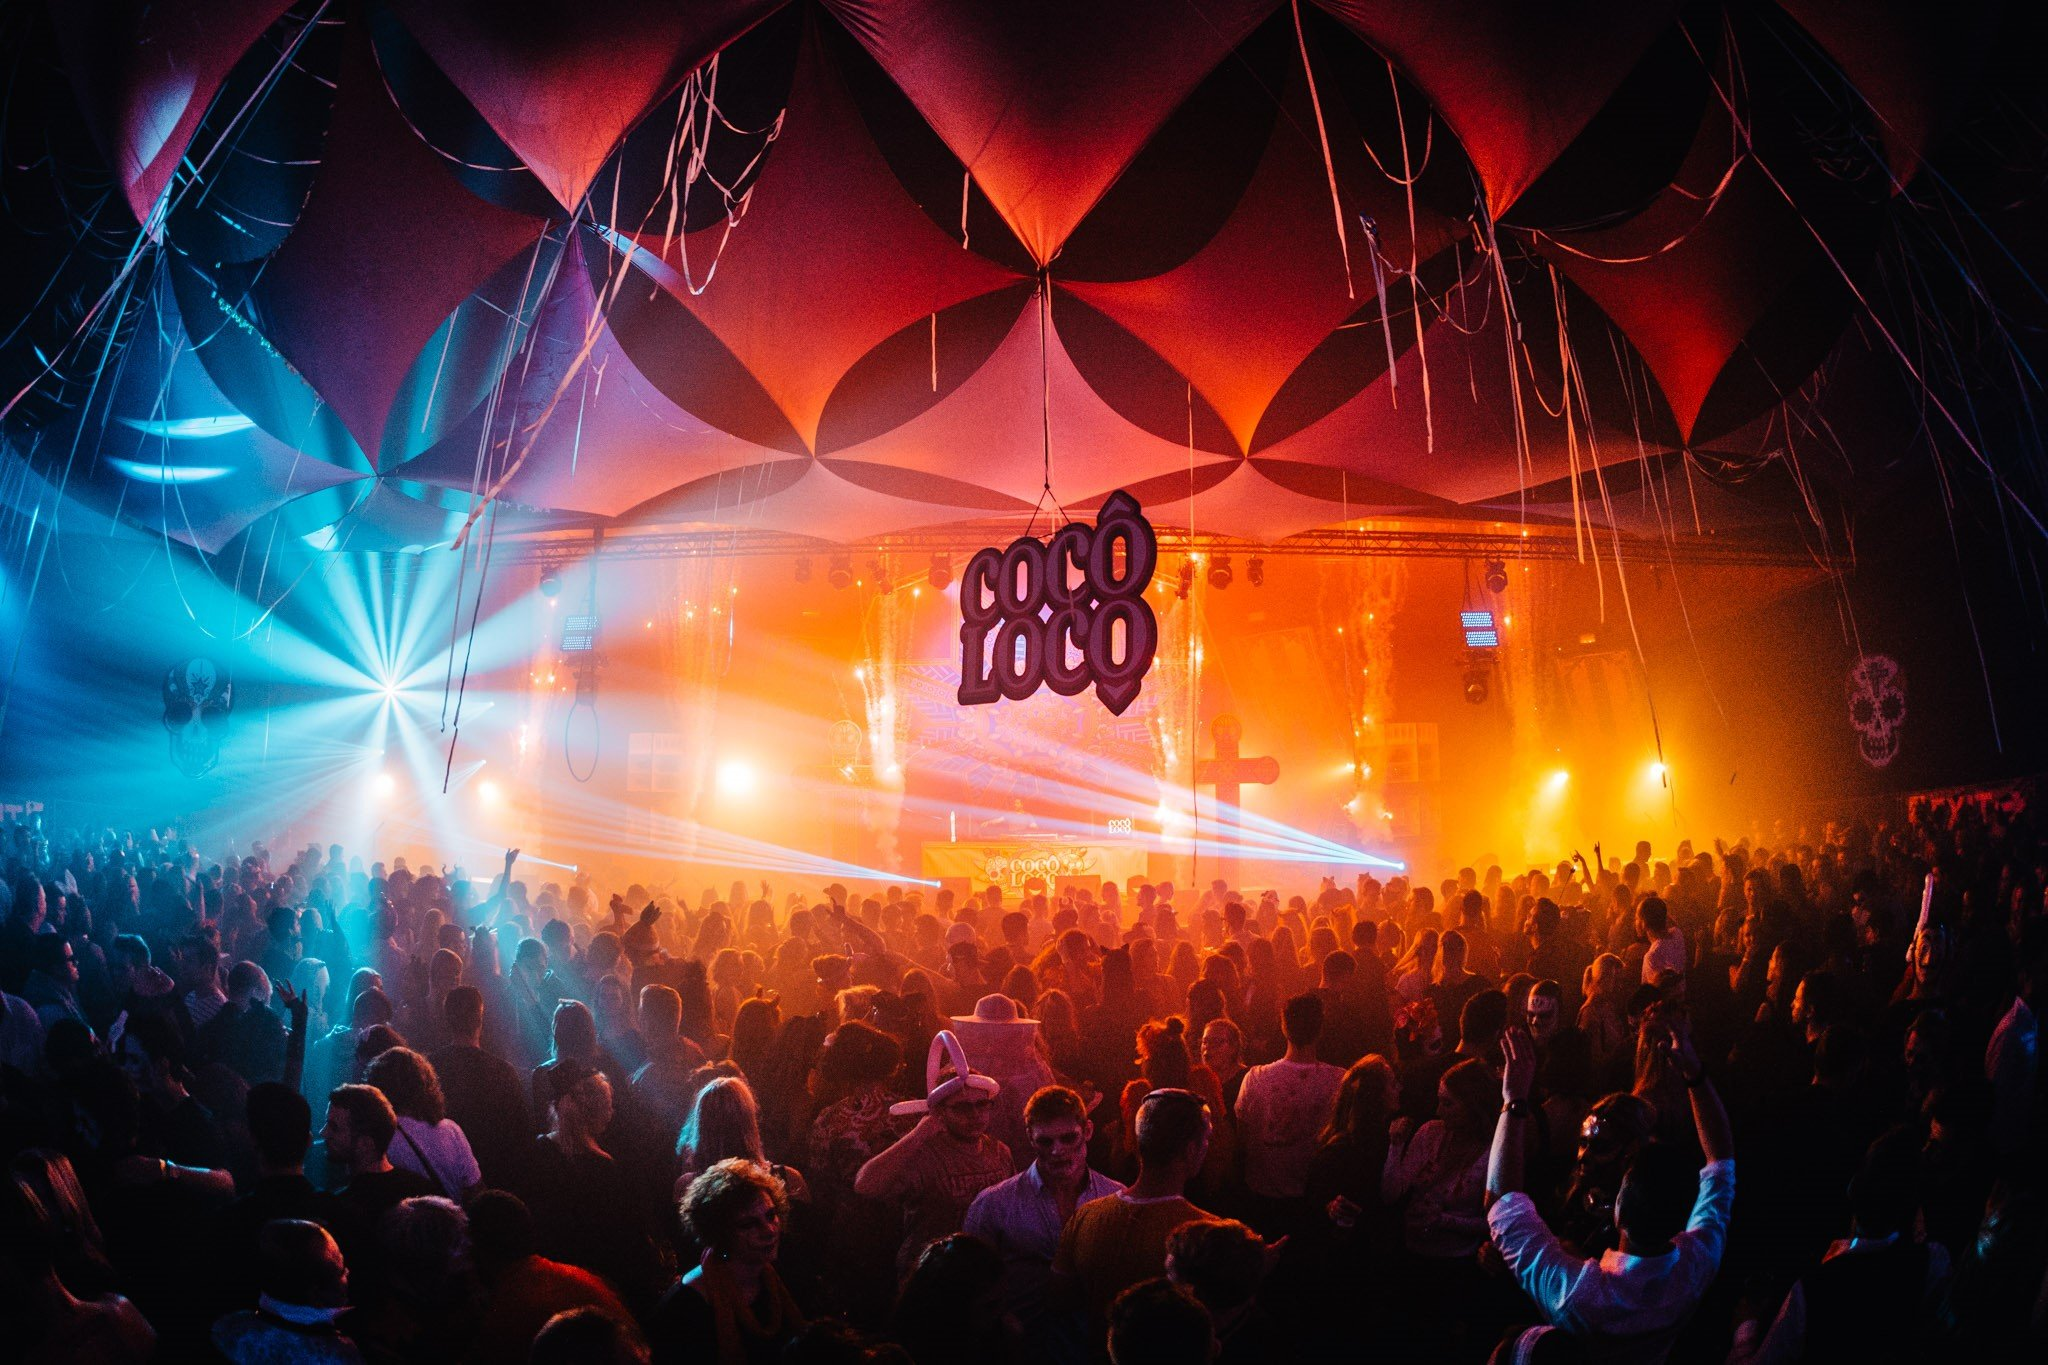 Succesvol Cocô Locô Halloween Festival krijgt volgend jaar een 2de editie - Coco Loco 3